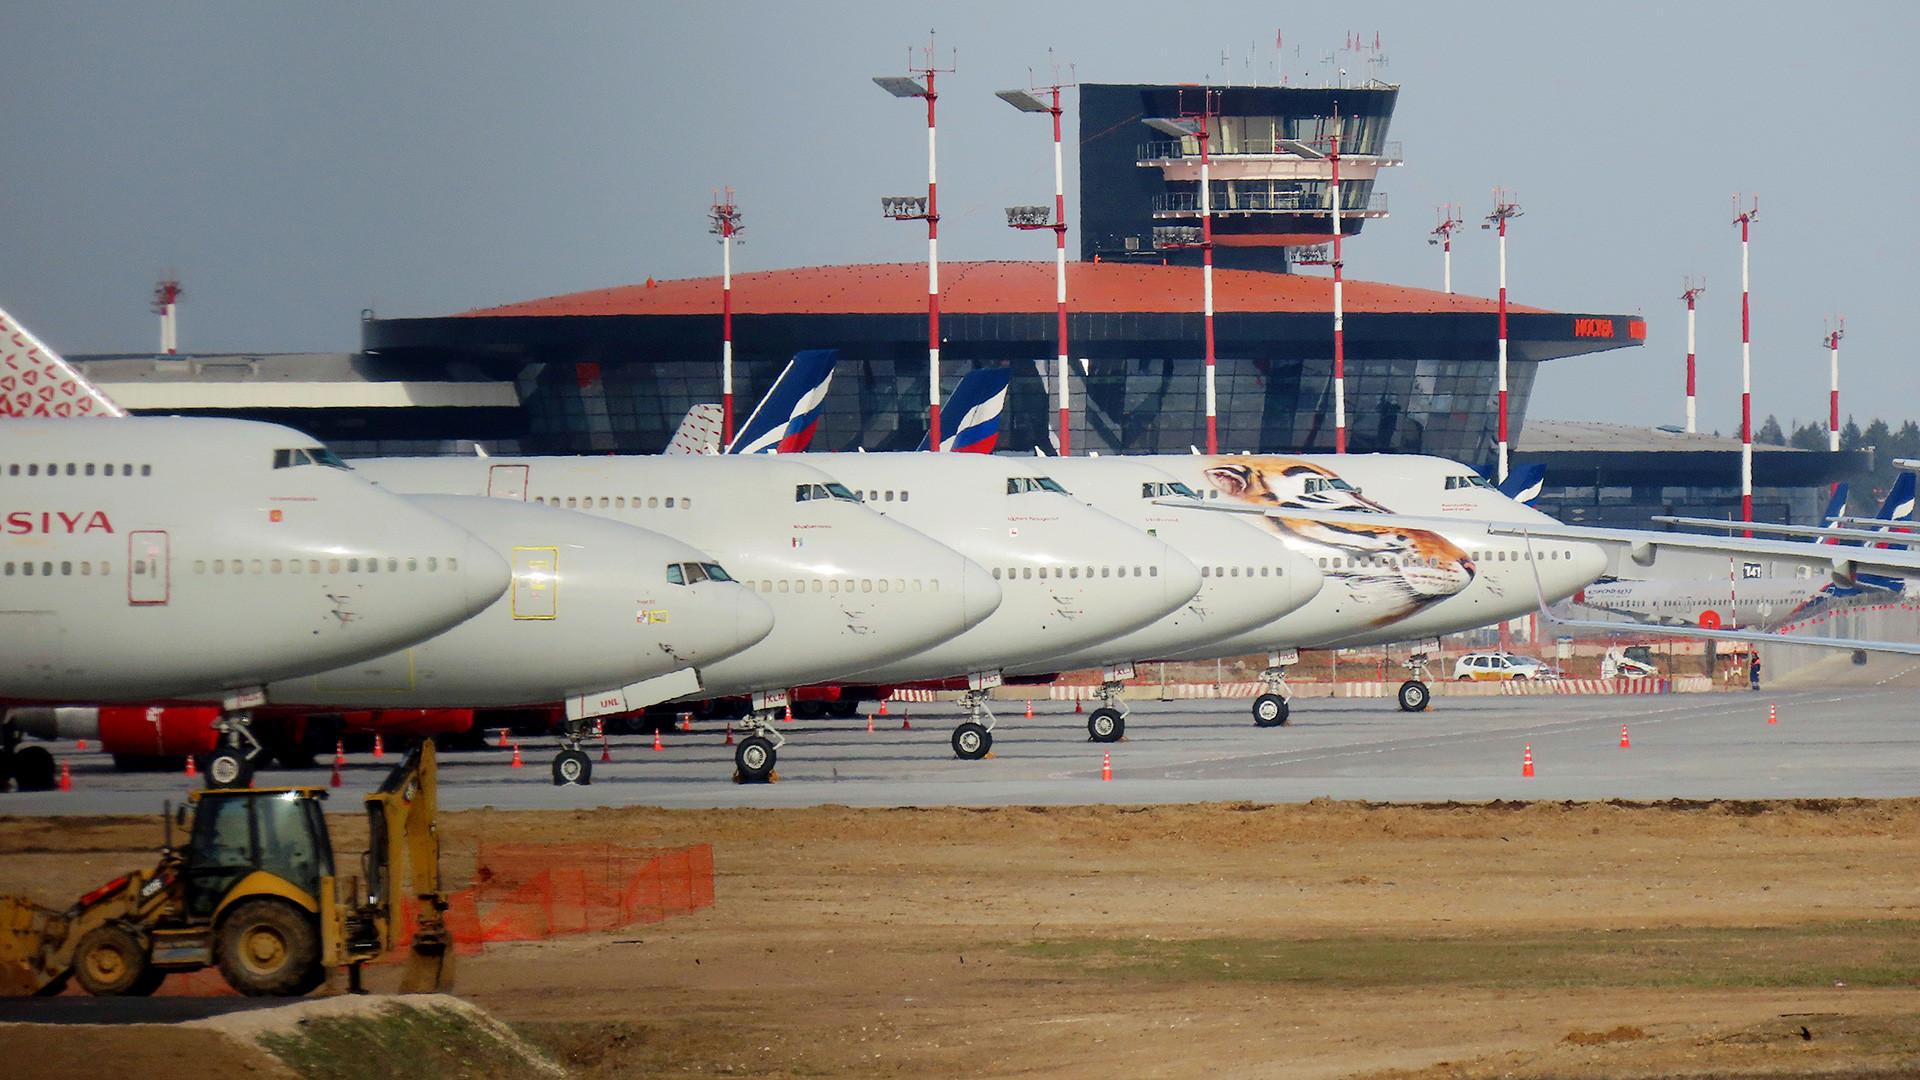 Pesawat-pesawat terlihat menganggur di Bandara Internasional Sheremetyevo, sementara penyebaran COVID-19 terus berlanjut.